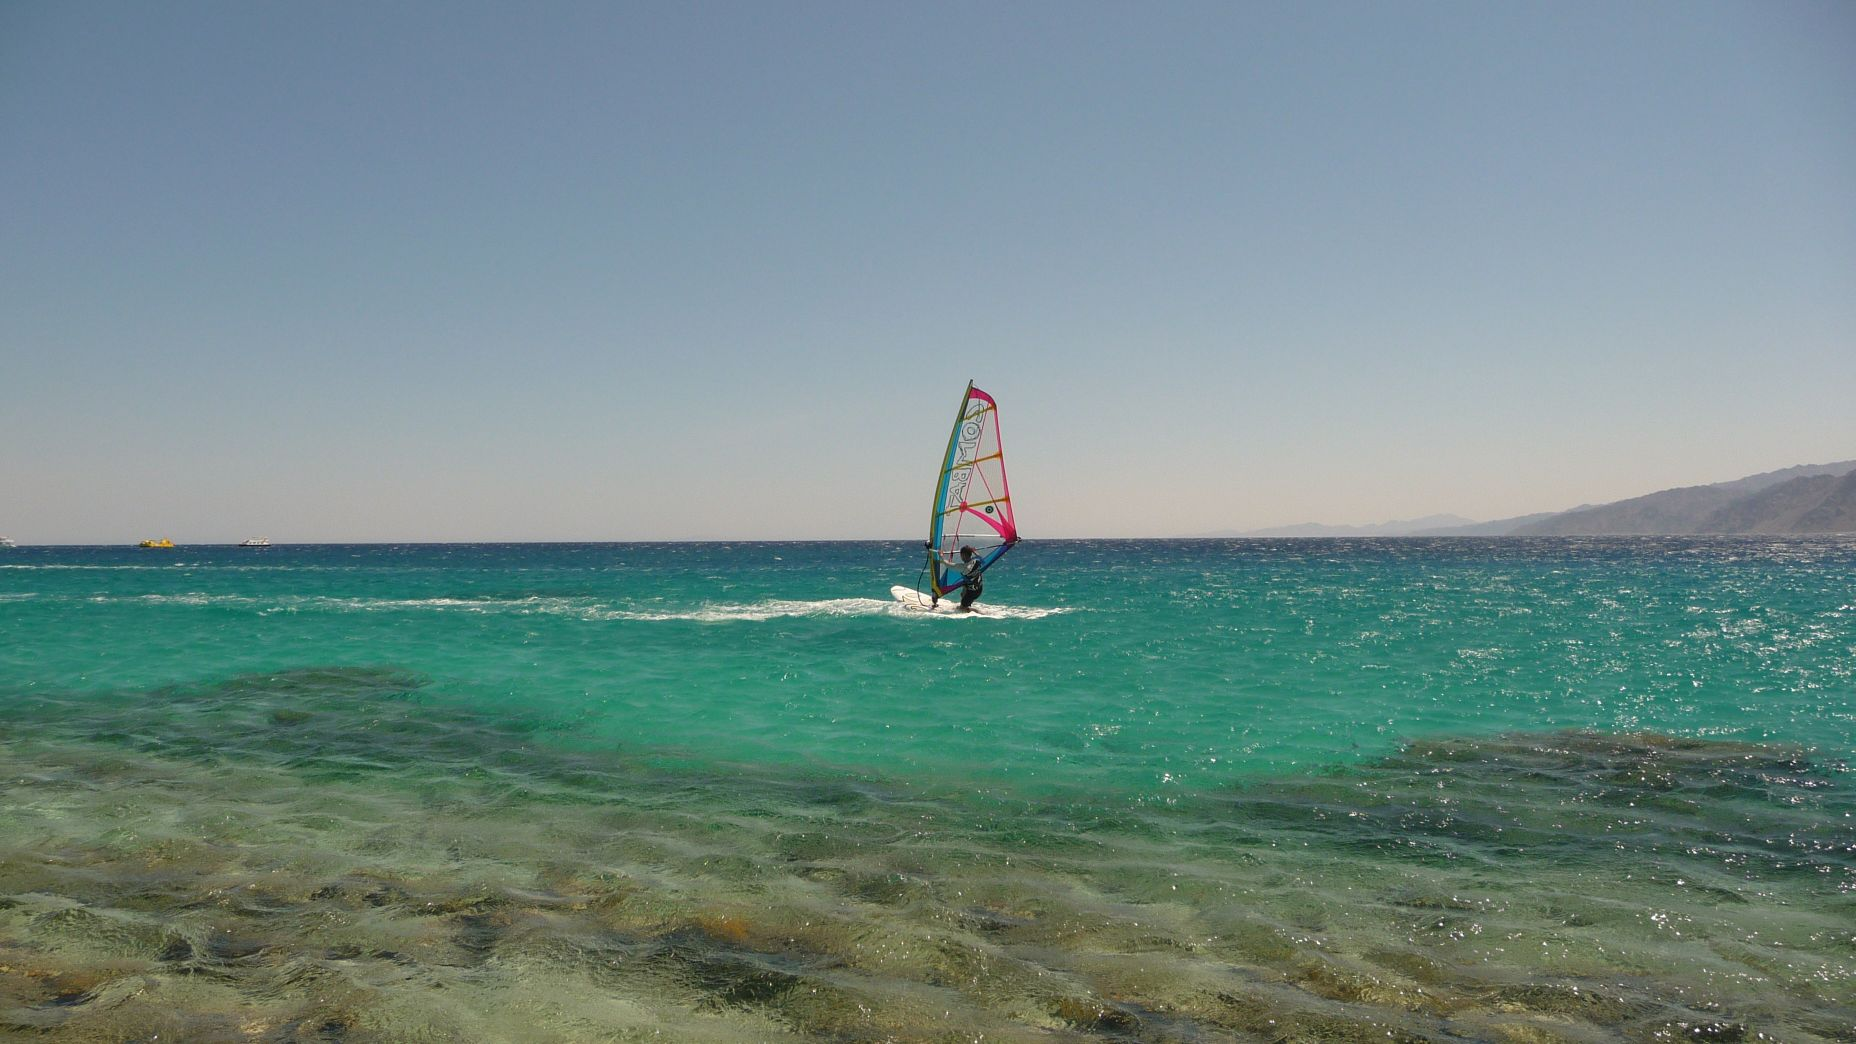 Dahab - sesja freestyle windsurfing - zdjęcia, atrakcje